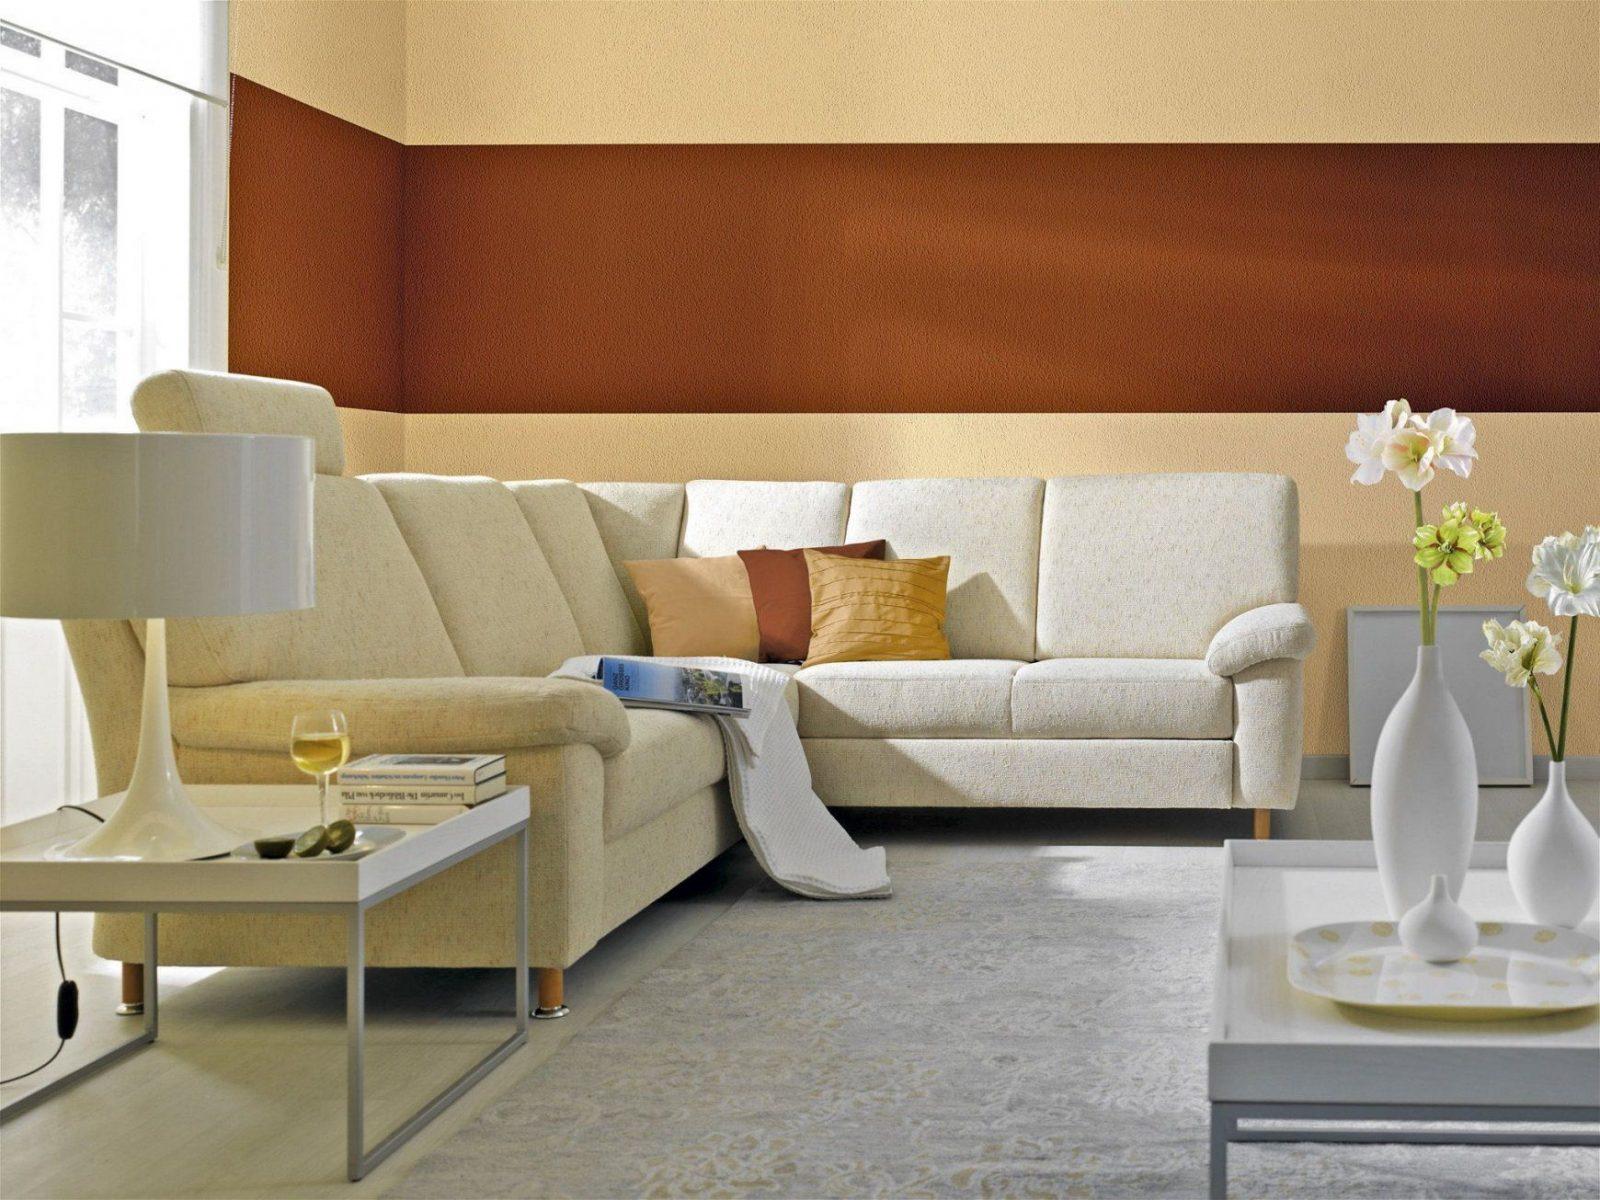 wohnzimmer w nde farbig gestalten farben f r w nde ideen brocanteuserose. Black Bedroom Furniture Sets. Home Design Ideas